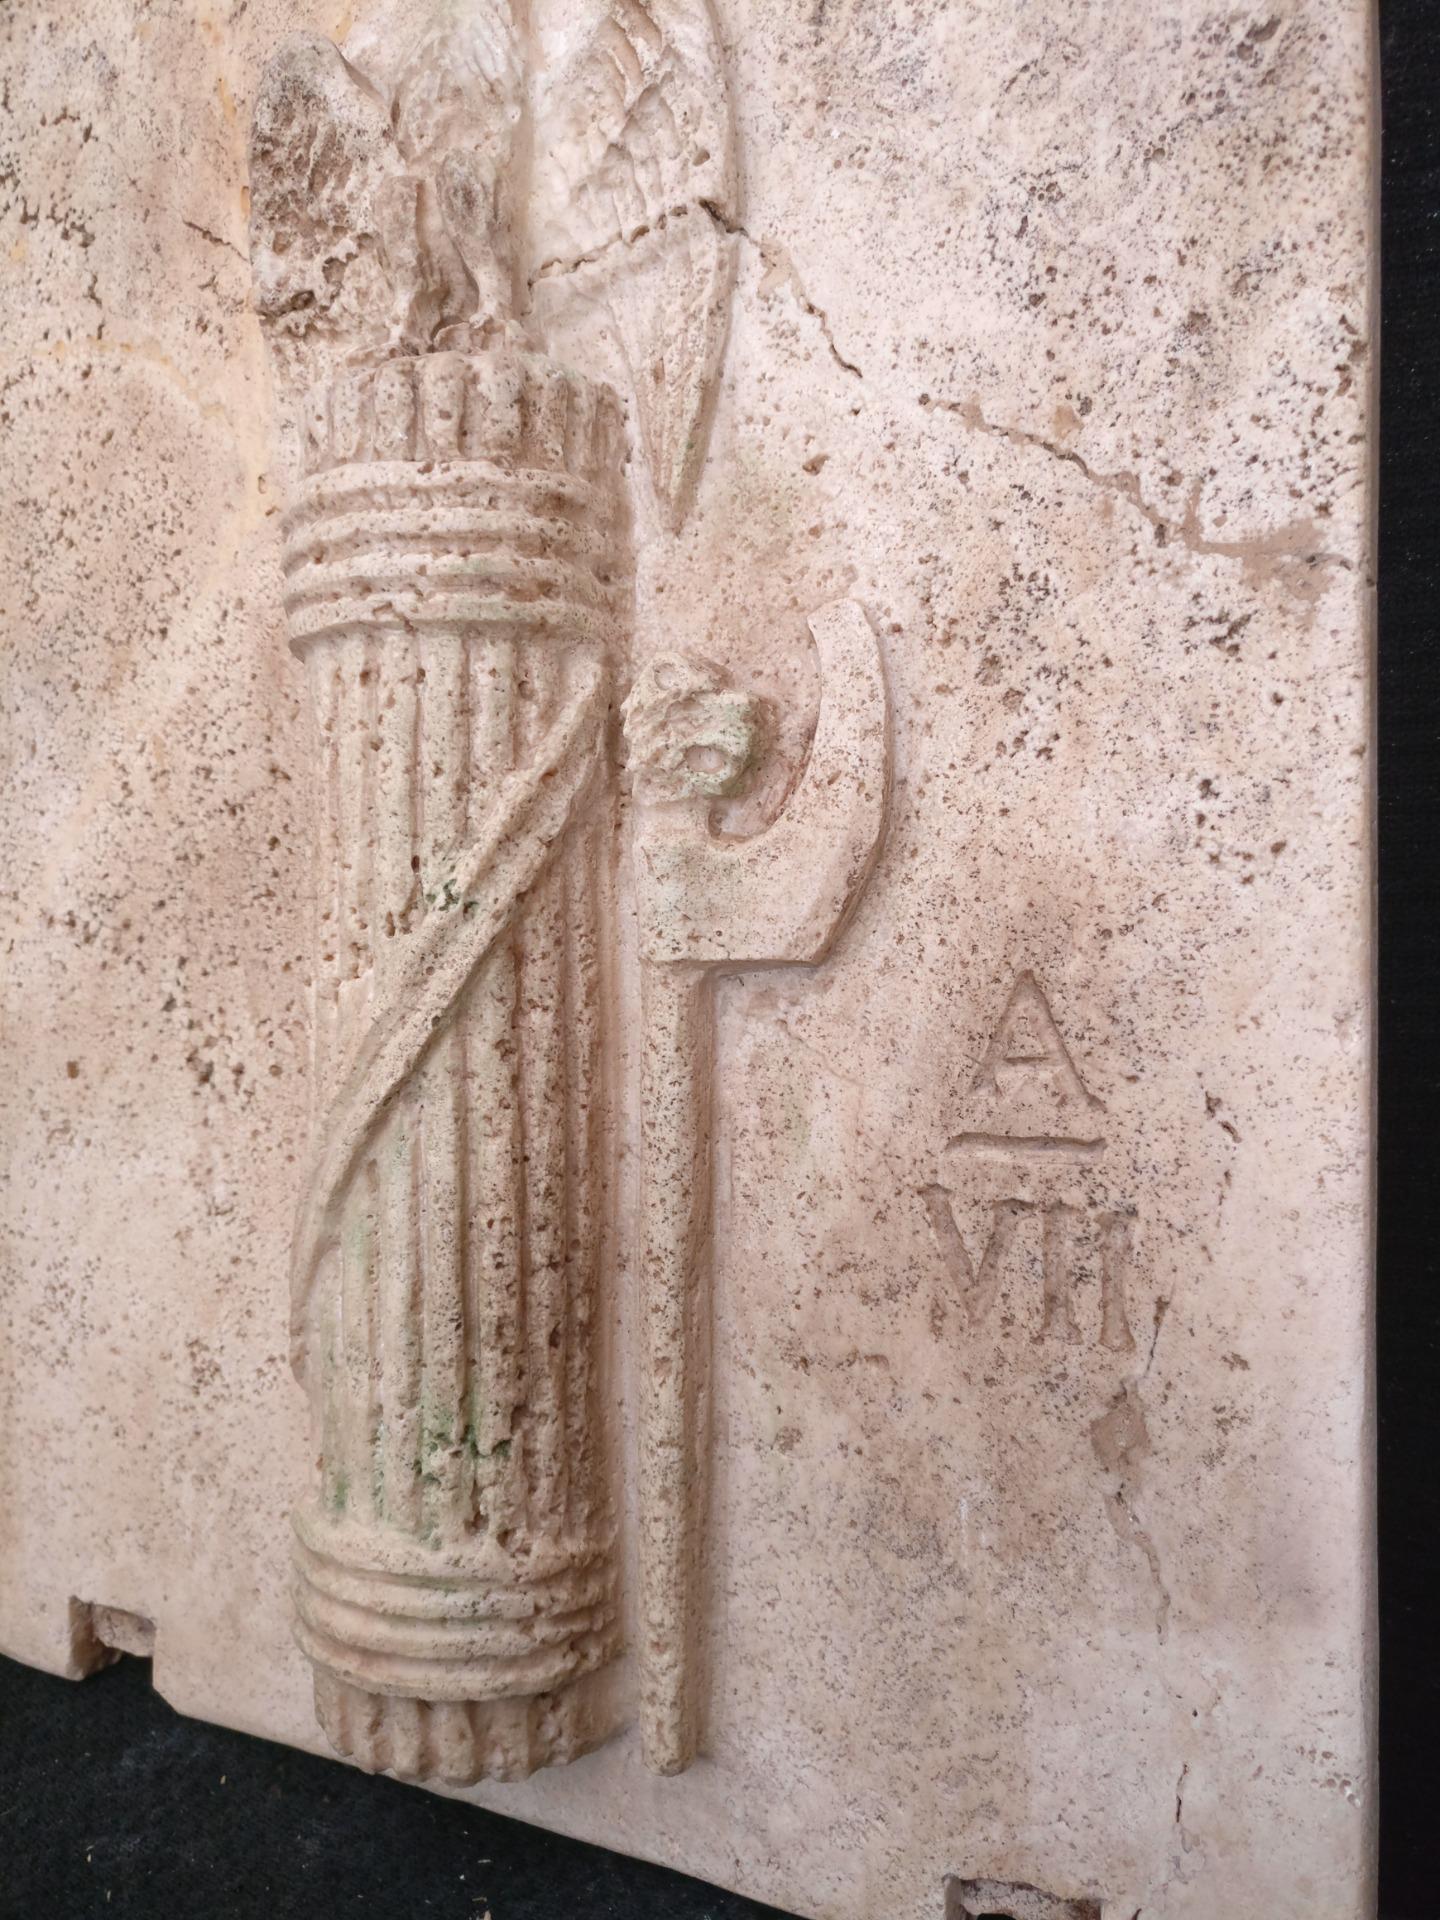 thumb8 Magnifica Coppia di Fasci Littori in Travertino - Stemmi da muro - 32 x 40 cm - Roma - 1927/28